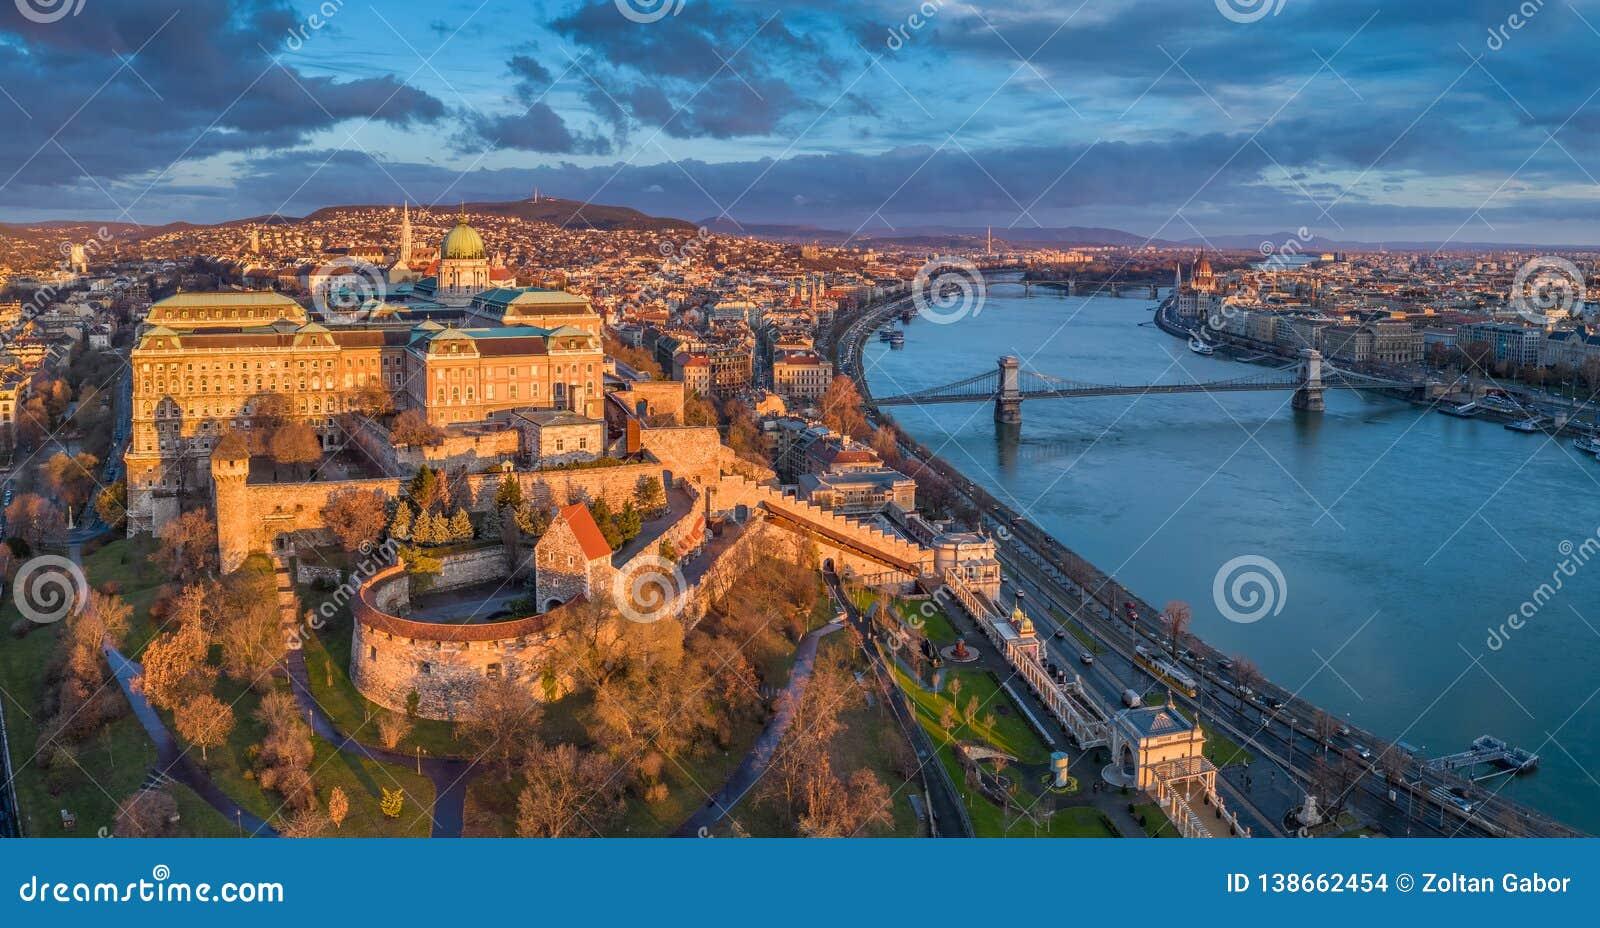 Budapest, Węgry - Powietrzny panoramiczny widok Buda kasztel Royal Palace z Szechenyi Łańcuszkowym mostem, parlament